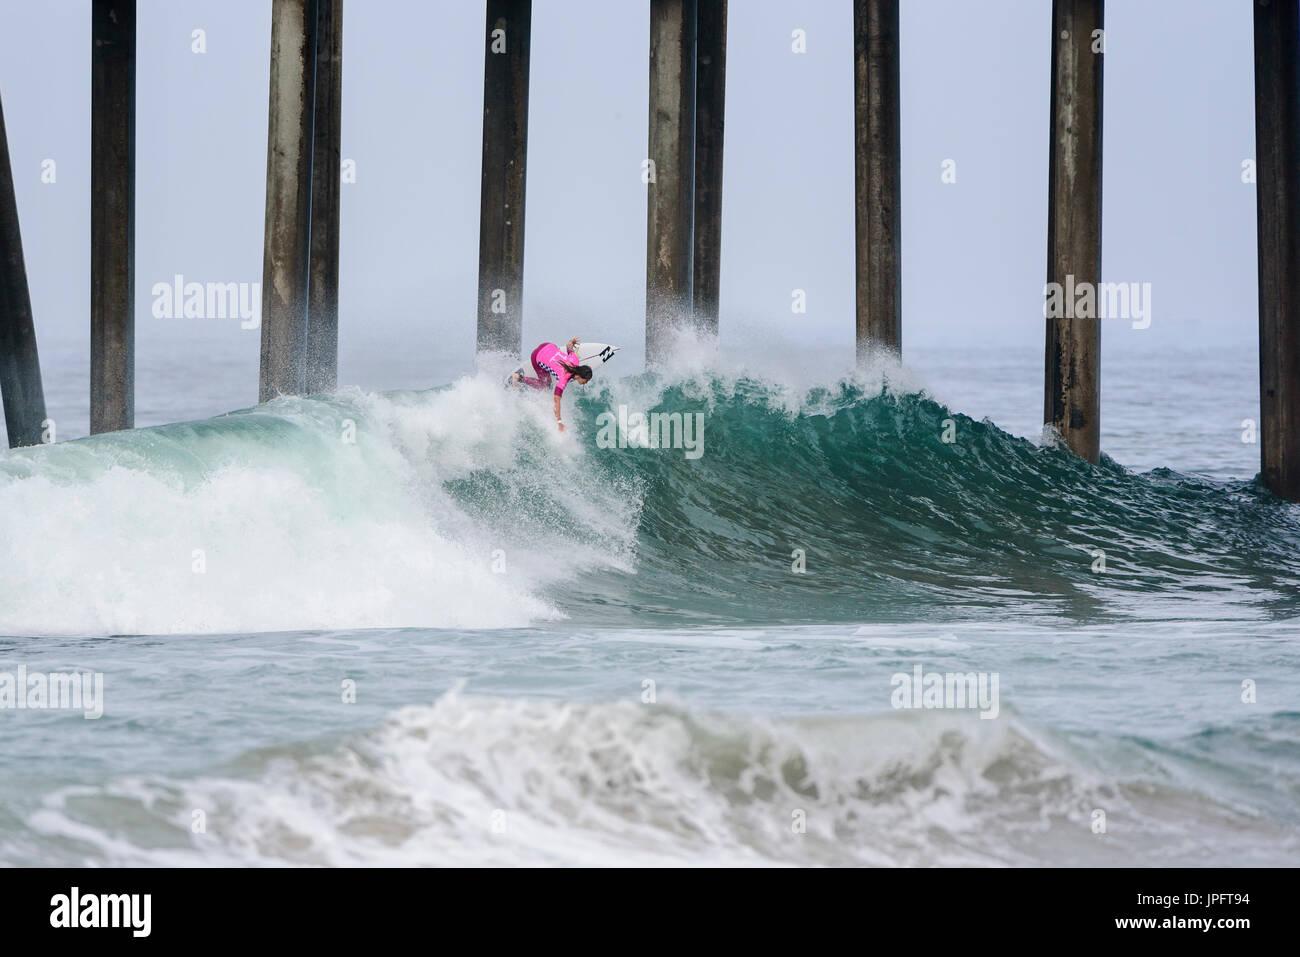 Huntington Beach, USA. 01 août, 2017. Surfeur local et favori du Courtney Conlogue (USA) remporte sa série 1 et série 2 chauffe pendant la première journée de compétition à la Women's 2017 CARS US Open de surf, le mardi, 01 août, 2017. Credit: Benjamin Ginsberg/Alamy Live News. Photo Stock